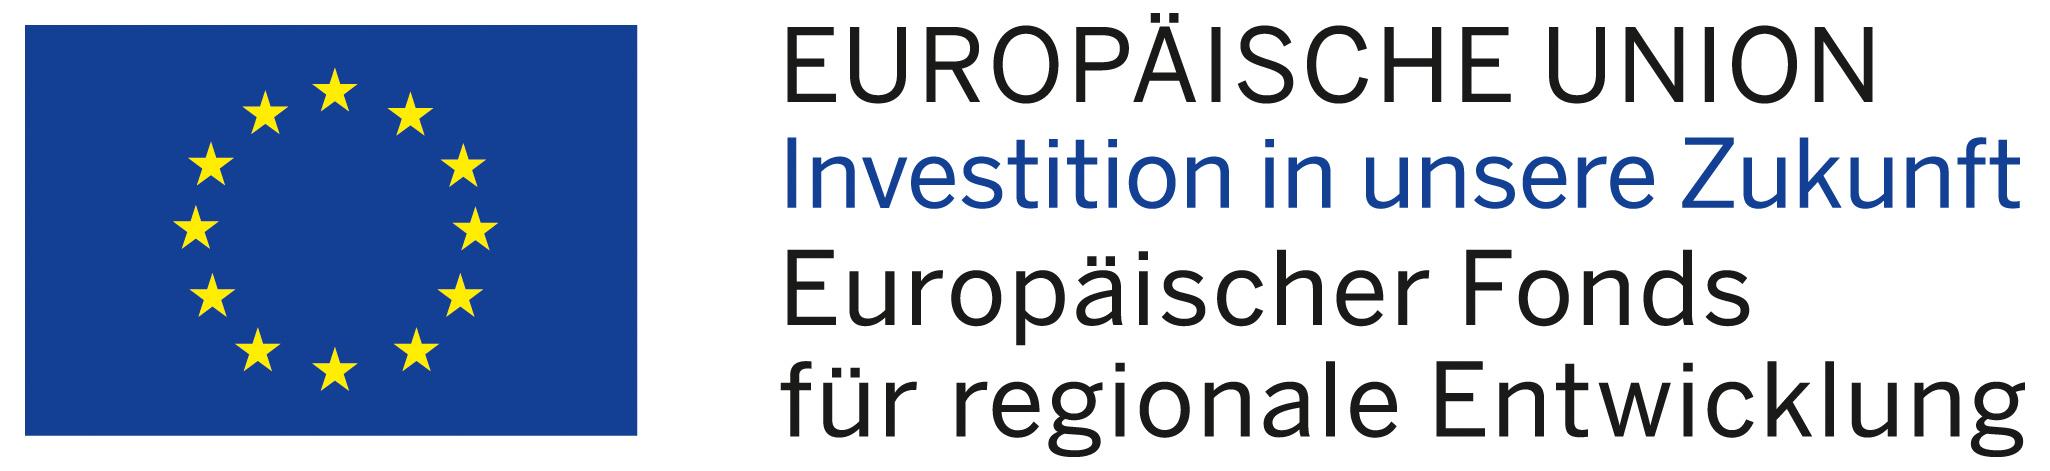 EU-Emblem mit Hinweis auf die Union